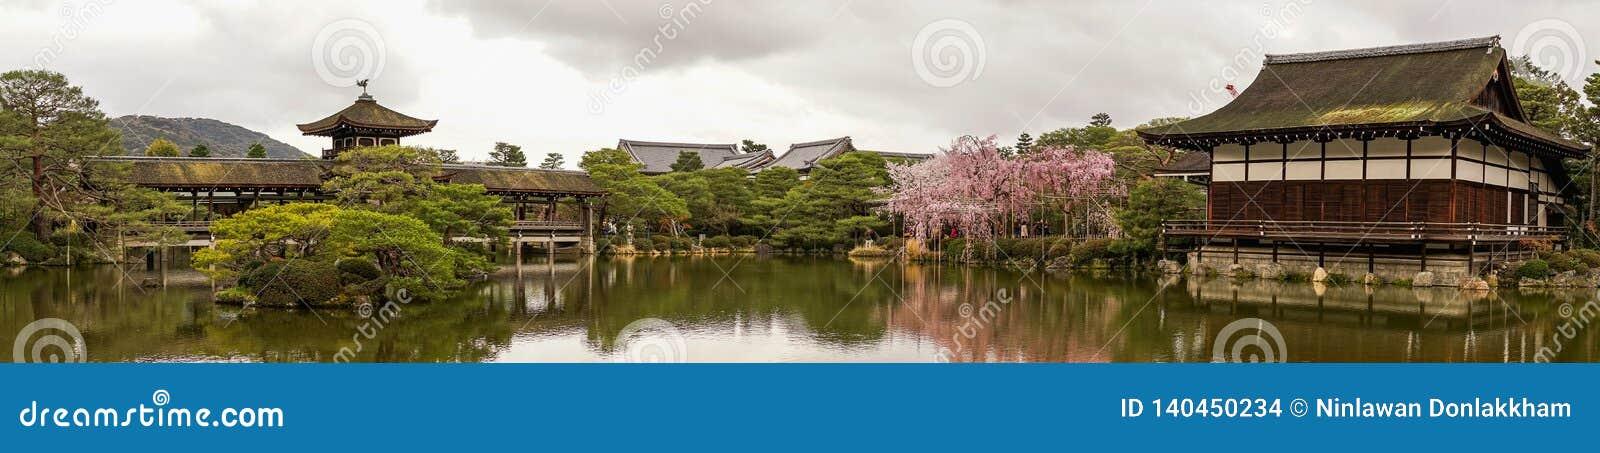 Palácio de madeira antigo com flor de cerejeira